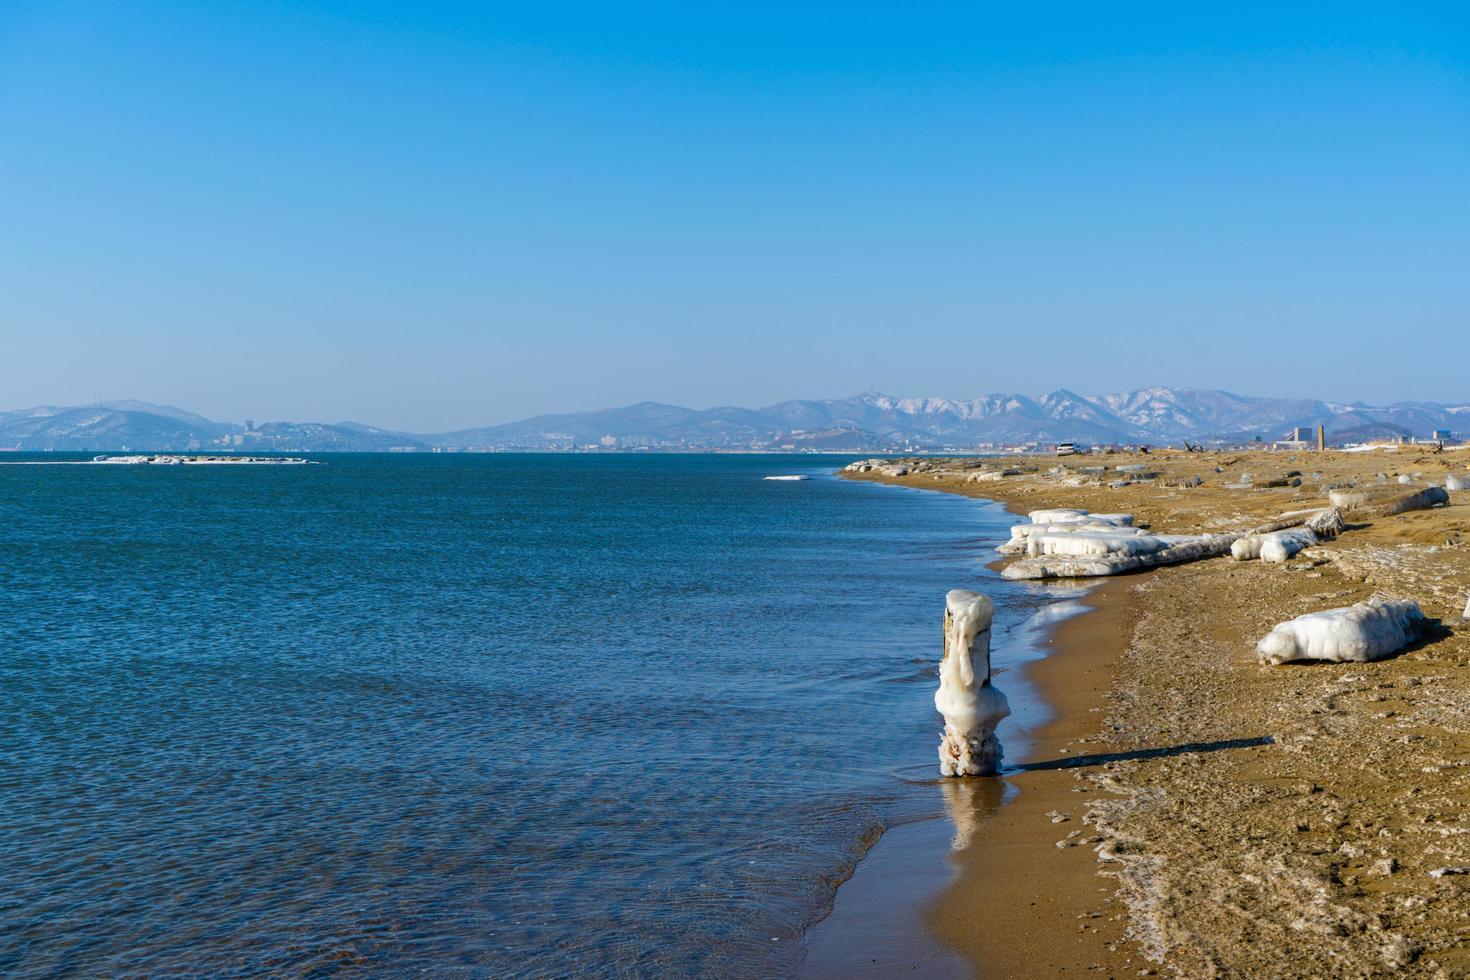 paysage marin avec vue sur la plage de la baie photo